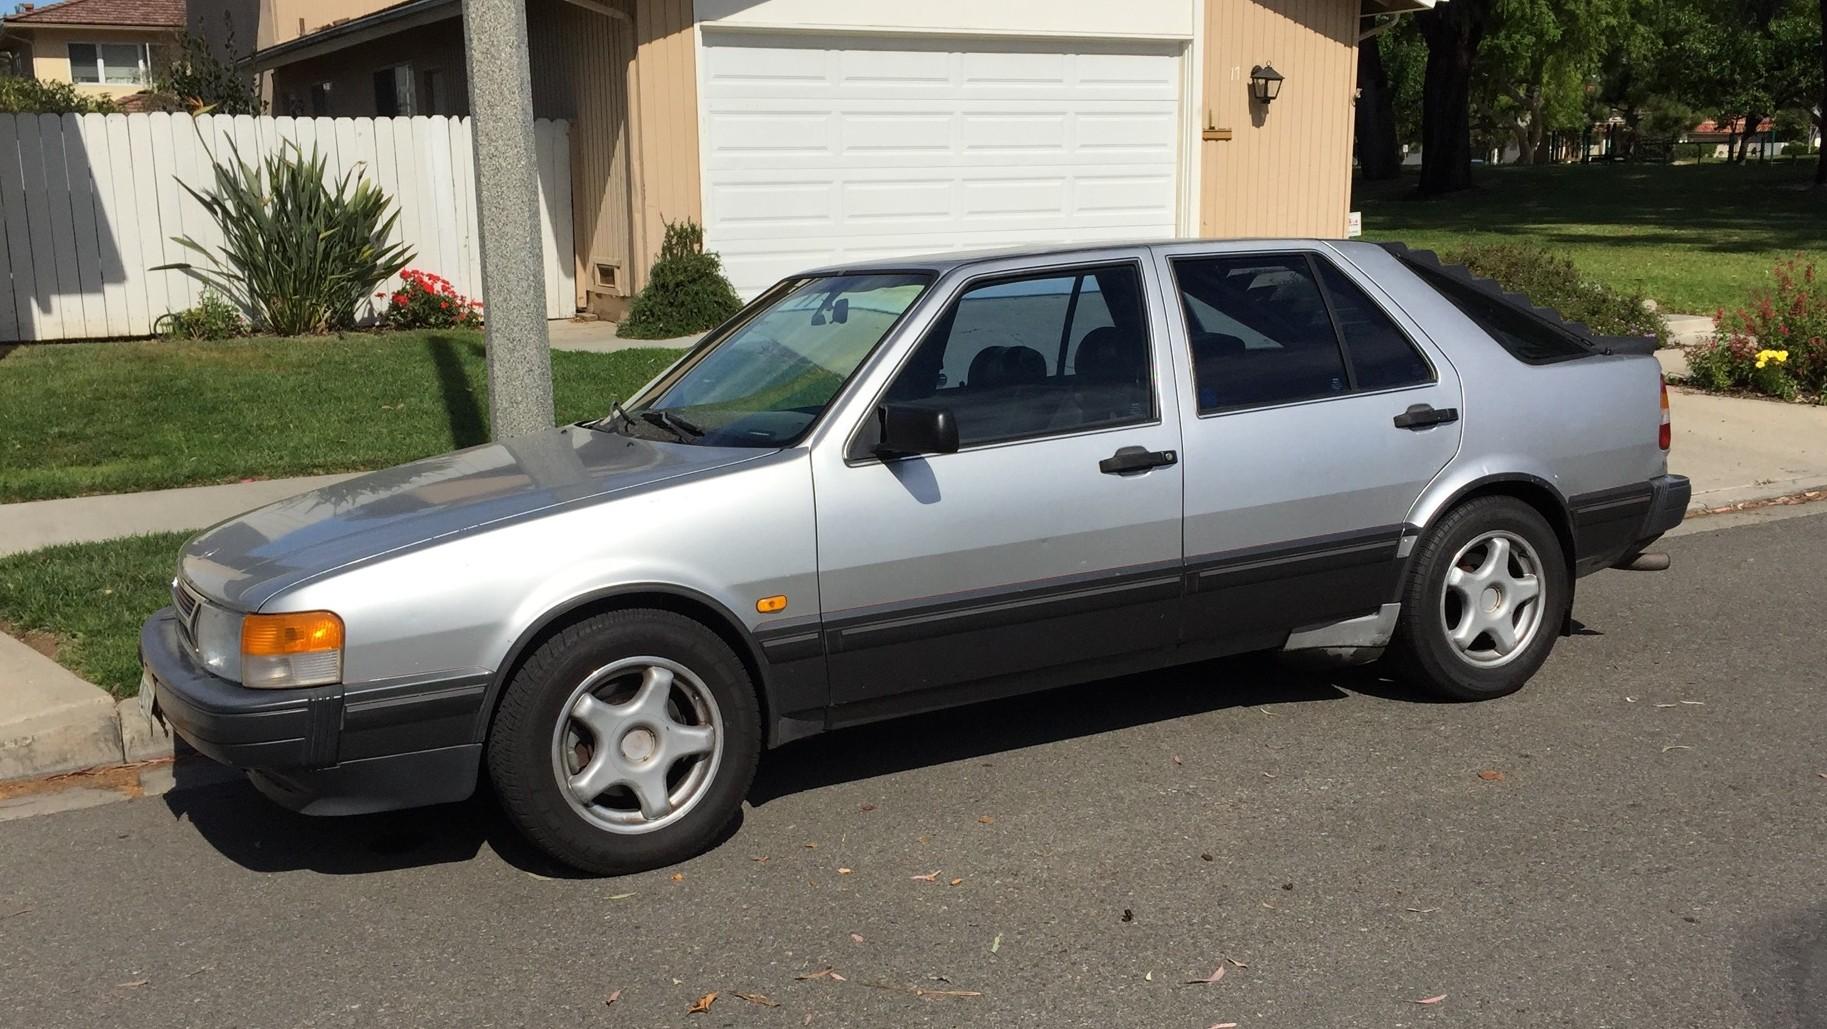 saab 9000 turbo 1986 webb family auto service records